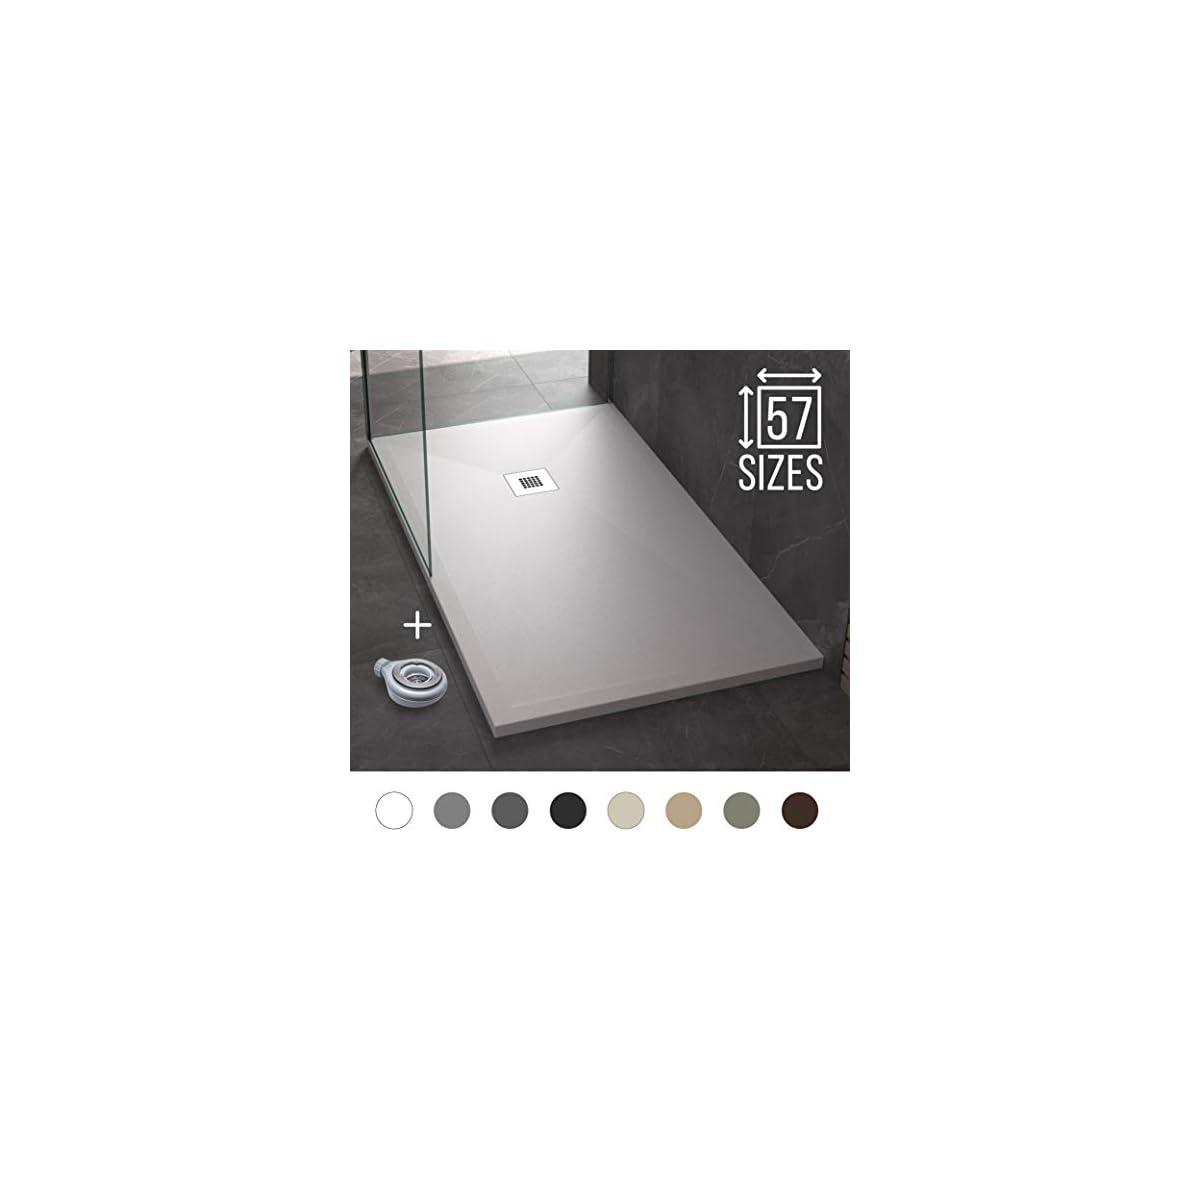 41eItA5KcjL. SS1200  - Plato de Ducha Resina Pizarra Stone - Antideslizante y Rectangular - Todas las medidas disponibles - Incluye Sifón y Rejilla